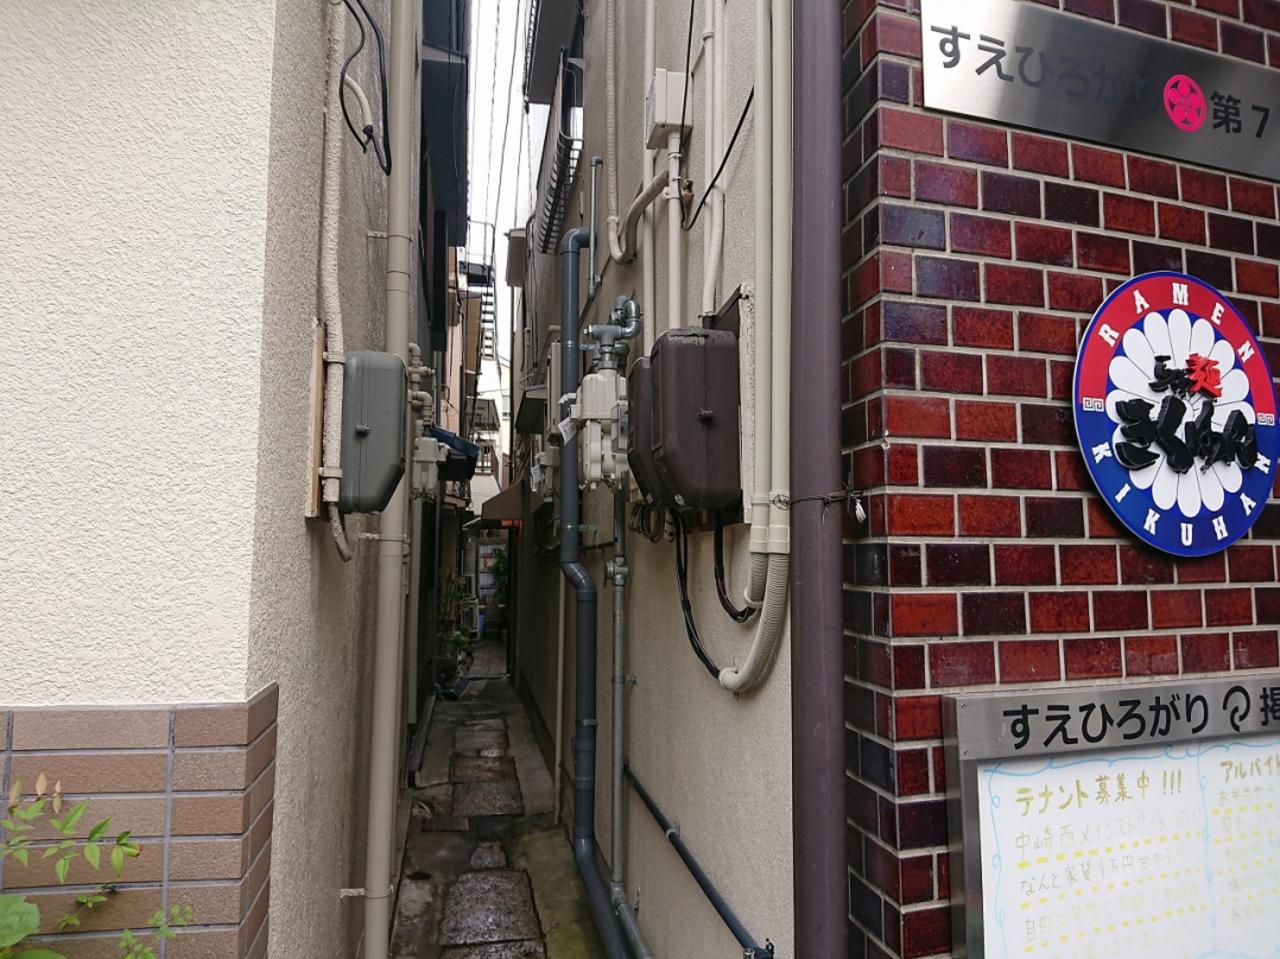 大阪中崎町にある、ものすごく路地裏の「パブリックキッチンカフェ中崎町店」。。。